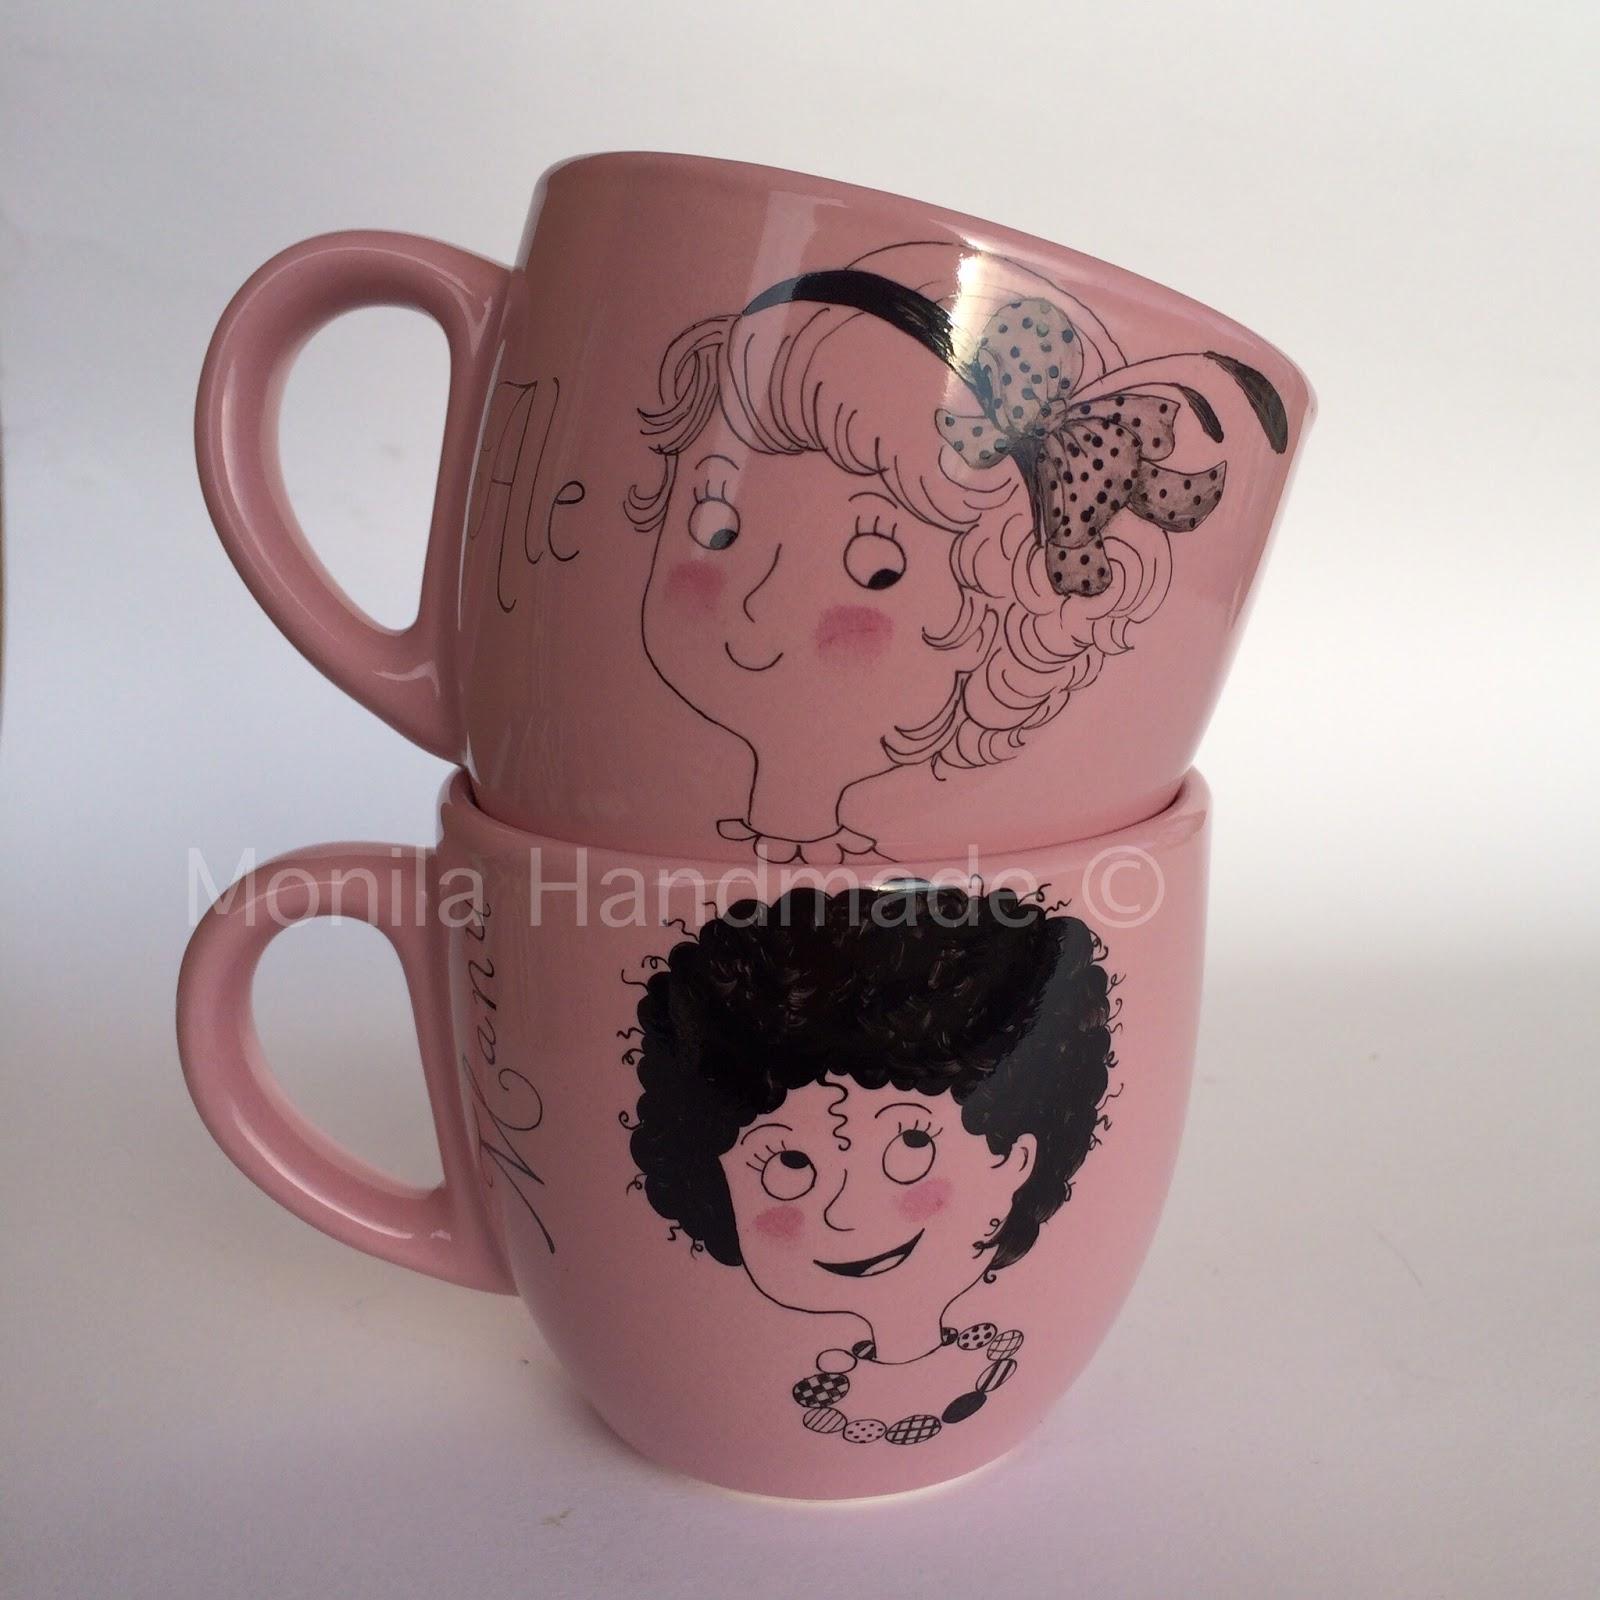 Monila Handmade,porcellana,dipinto a mano